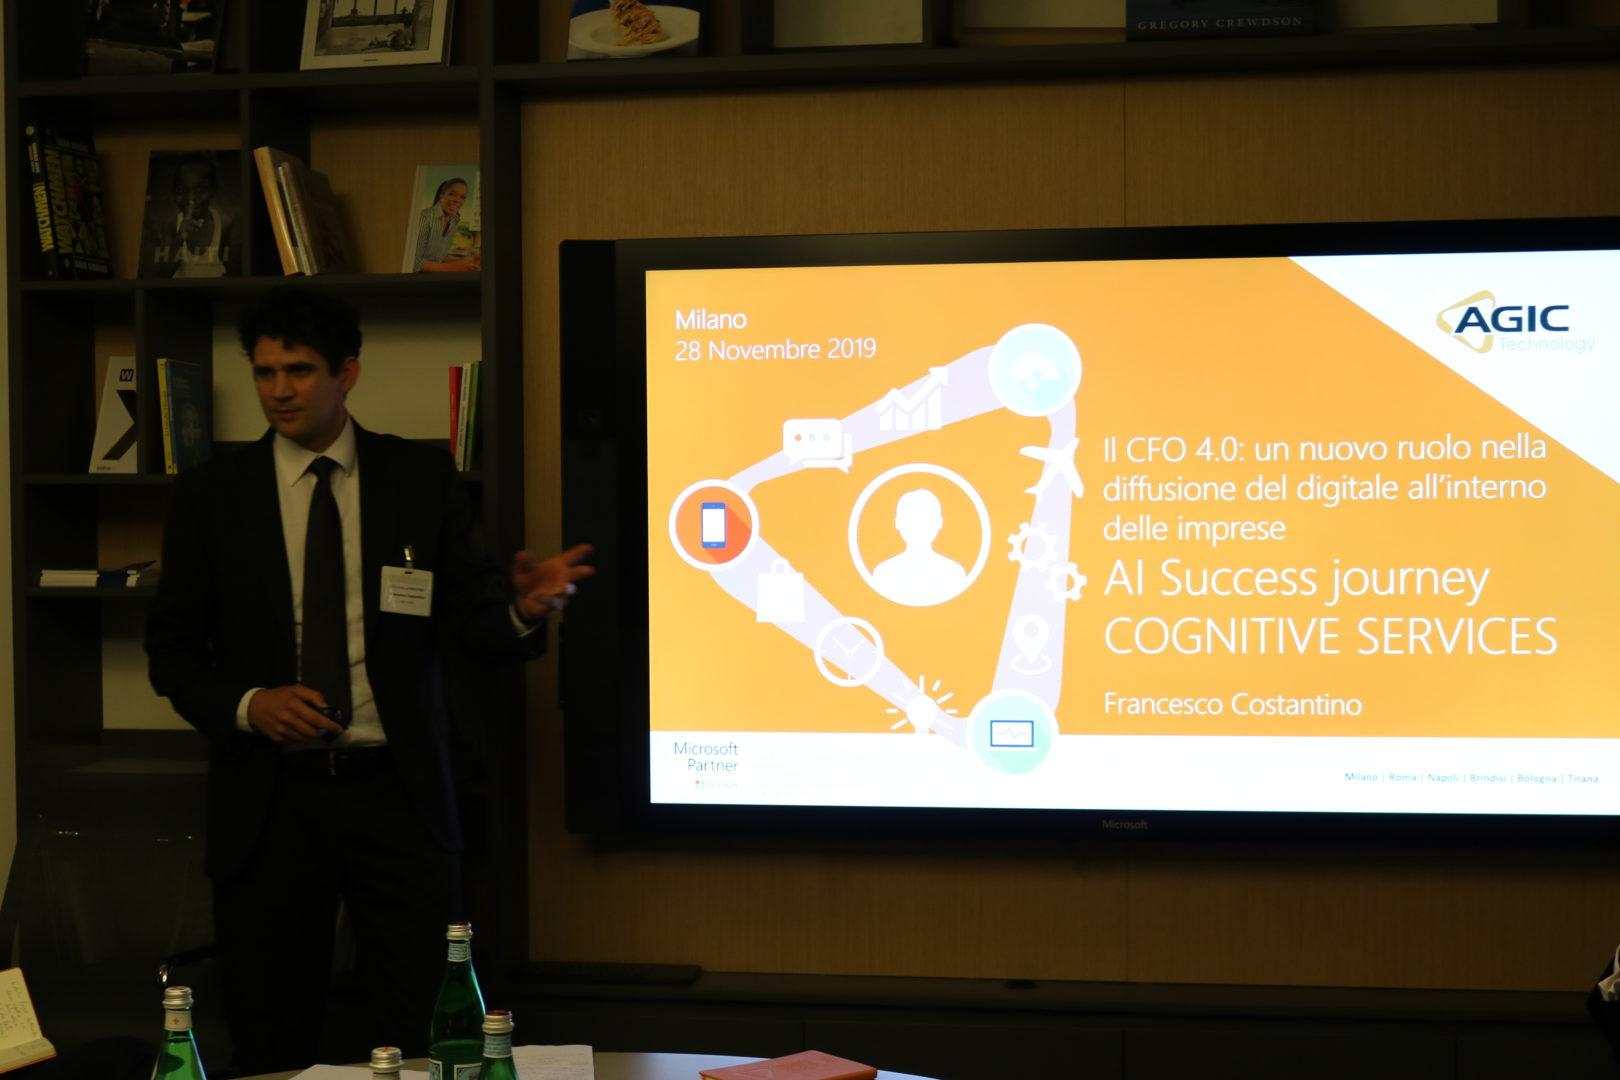 Il CFO 4.0: un nuovo ruolo nella diffusione del digitale nelle imprese